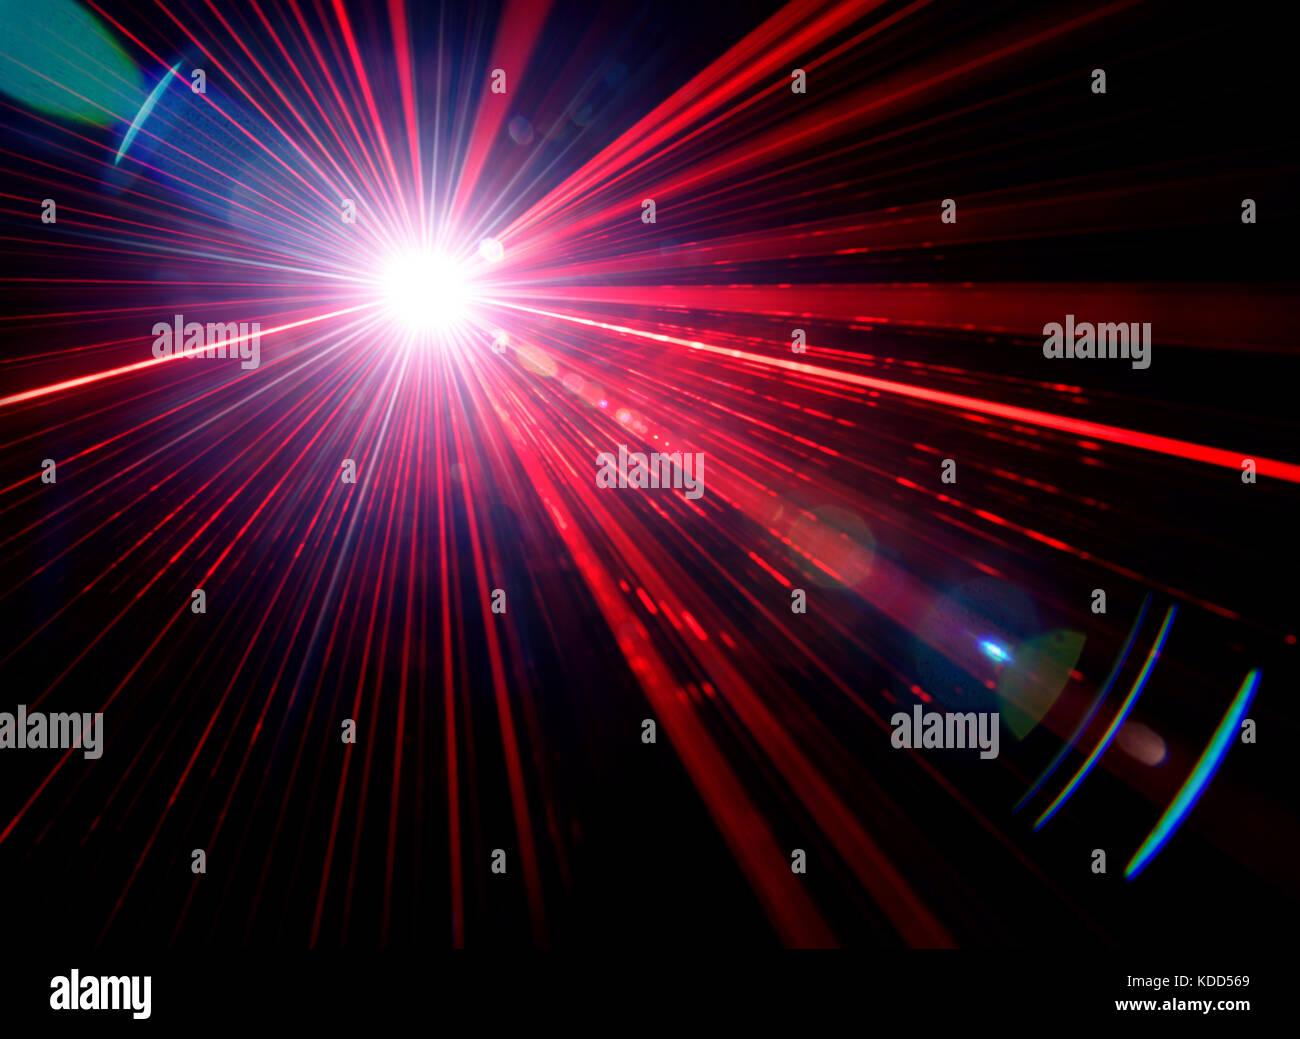 Rote Bühne Lichteffekt mit Lens Flare auf schwarzem Hintergrund, Foto. Stockbild